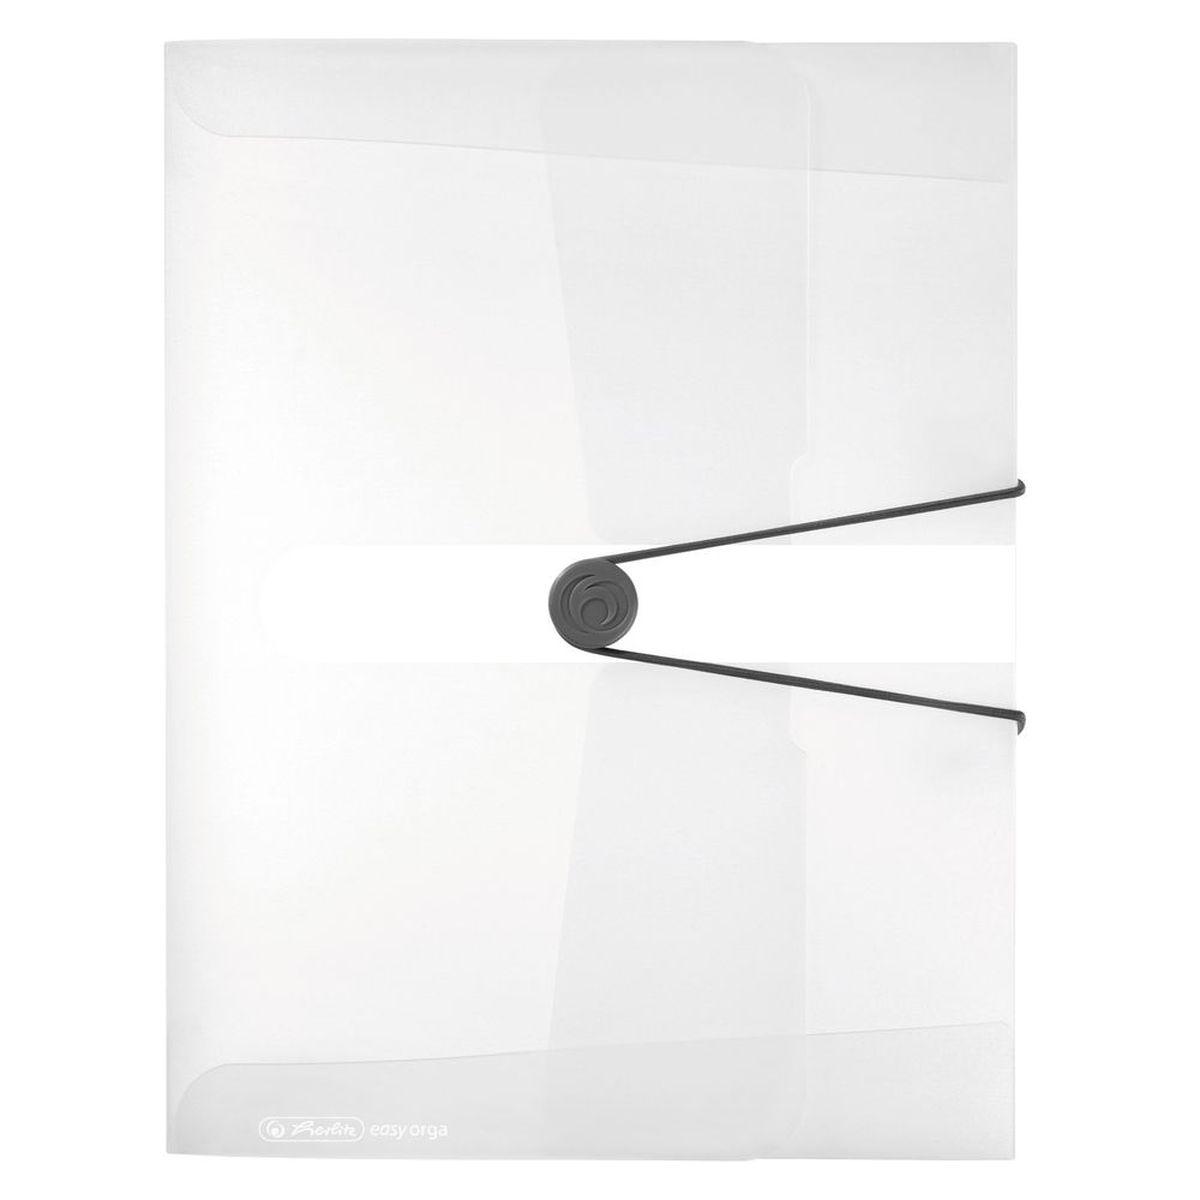 Herlitz Папка-конверт Easy orga to go цвет прозрачныйAC-1121RDПапка-конверт Herlitz Easy orga to go станет вашим верным помощником дома и в офисе.Это удобный и функциональный инструмент, предназначенный для хранения и транспортировки больших объемов рабочих бумаг и документов формата А4. Папка изготовлена из износостойкого пластика и качественного полипропилена. Состоит из одного вместительного отделения. Закрывается папка при помощи резинки, а на корешке папки есть ярлычок.Папка - это незаменимый атрибут для любого студента, школьника или офисного работника. Такая папка надежно сохранит ваши бумаги и сбережет их от повреждений, пыли и влаги.